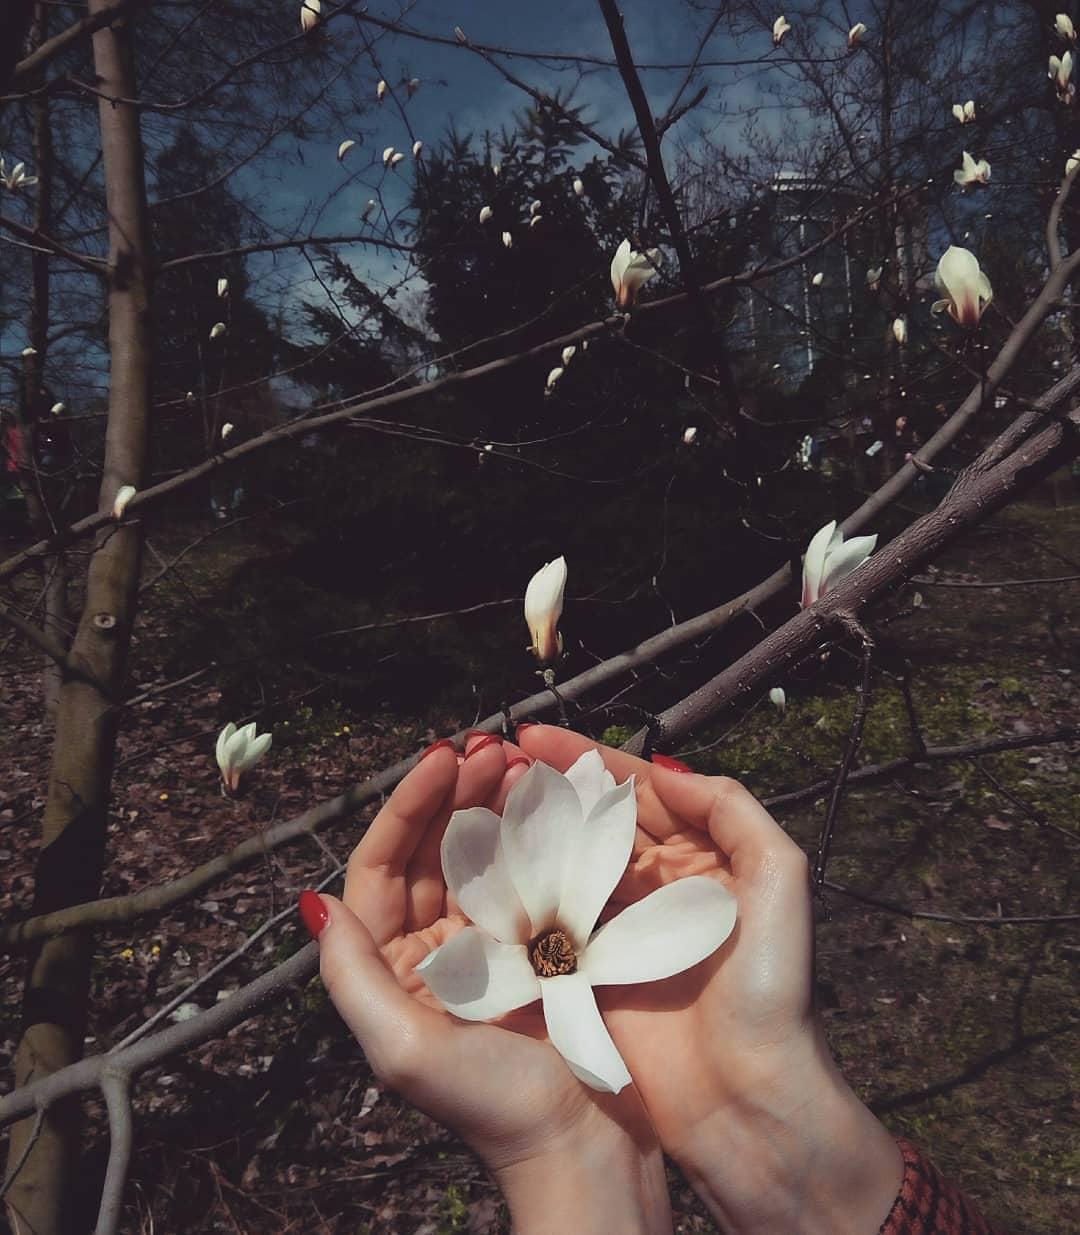 А вы знаете, как выглядит нежность? Фото: @anastasiia.savchenko4